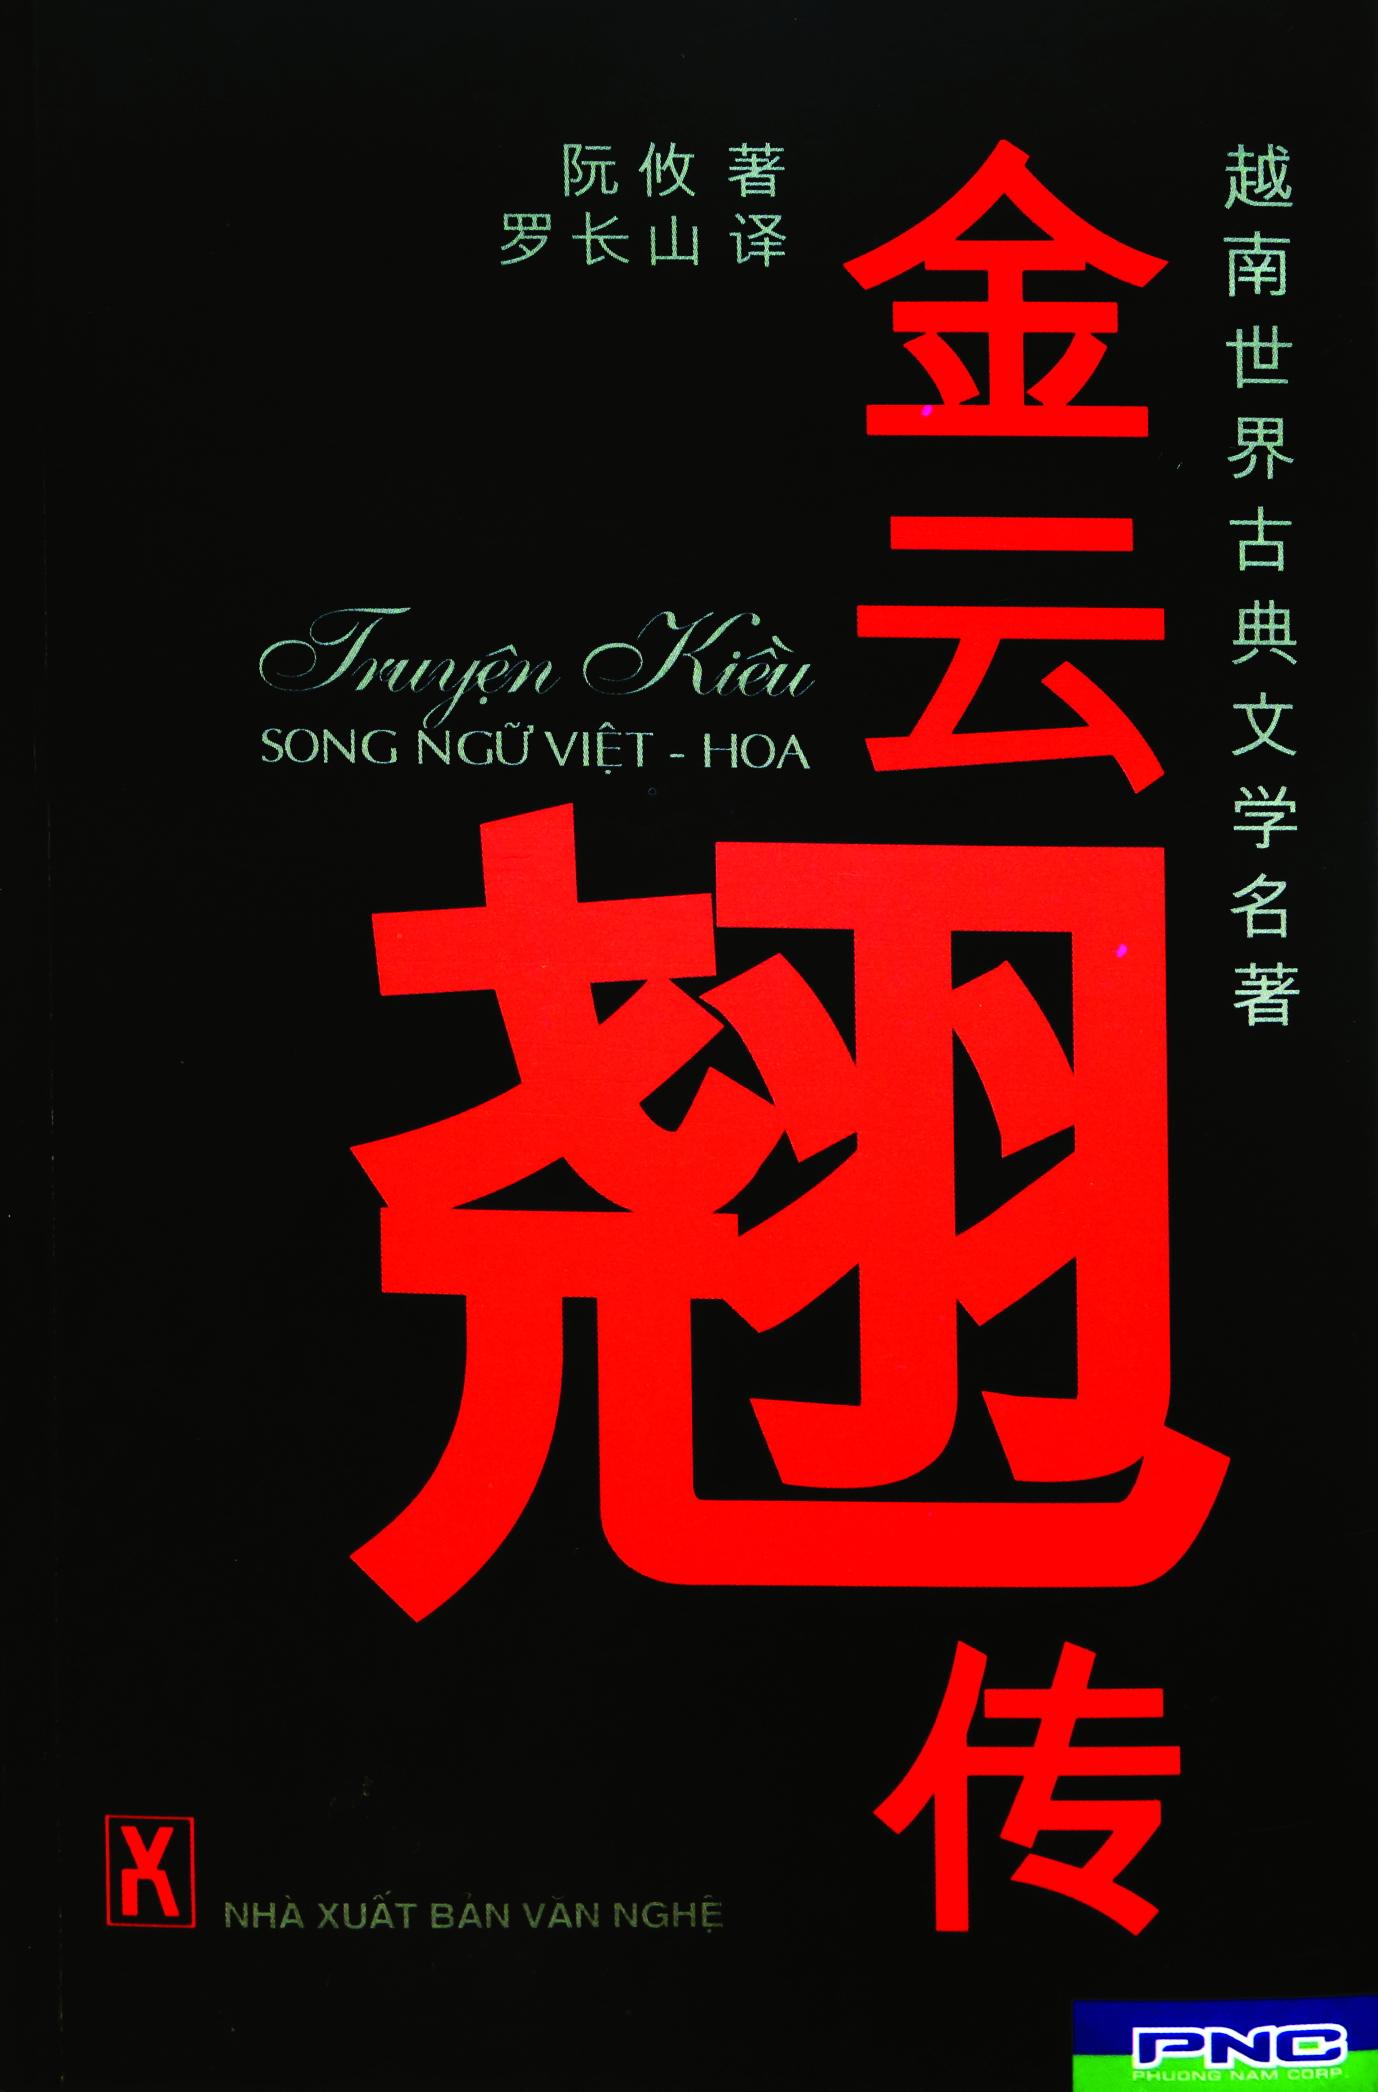 Kim Vân Kiều truyện, bản dịch của La Trường Sơn